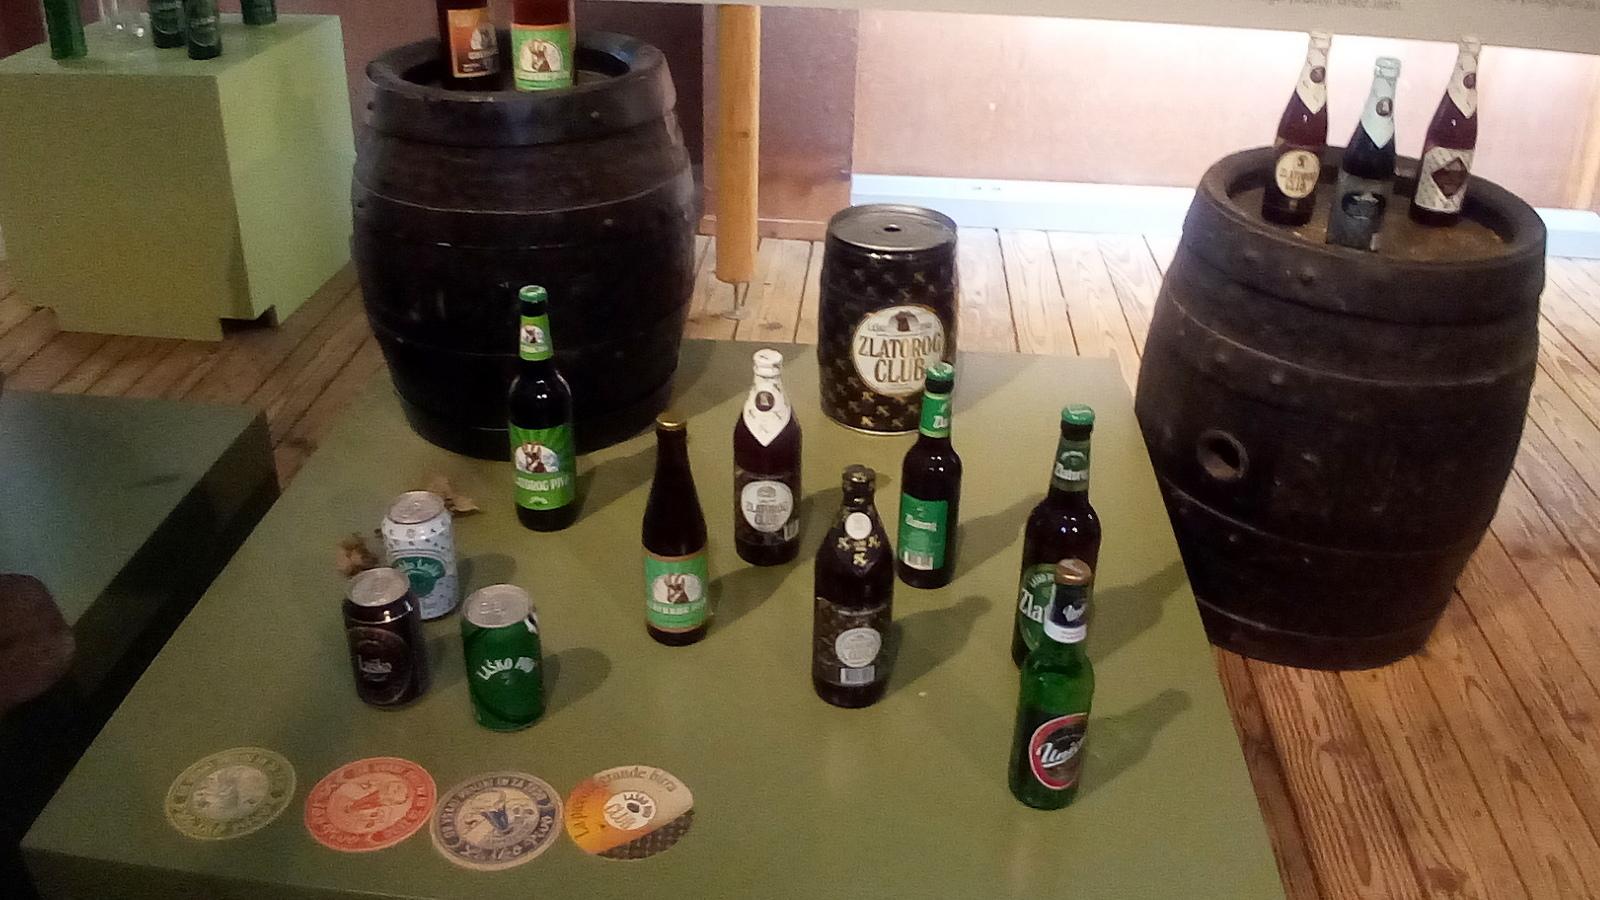 Laško pivo, vsi odtenki